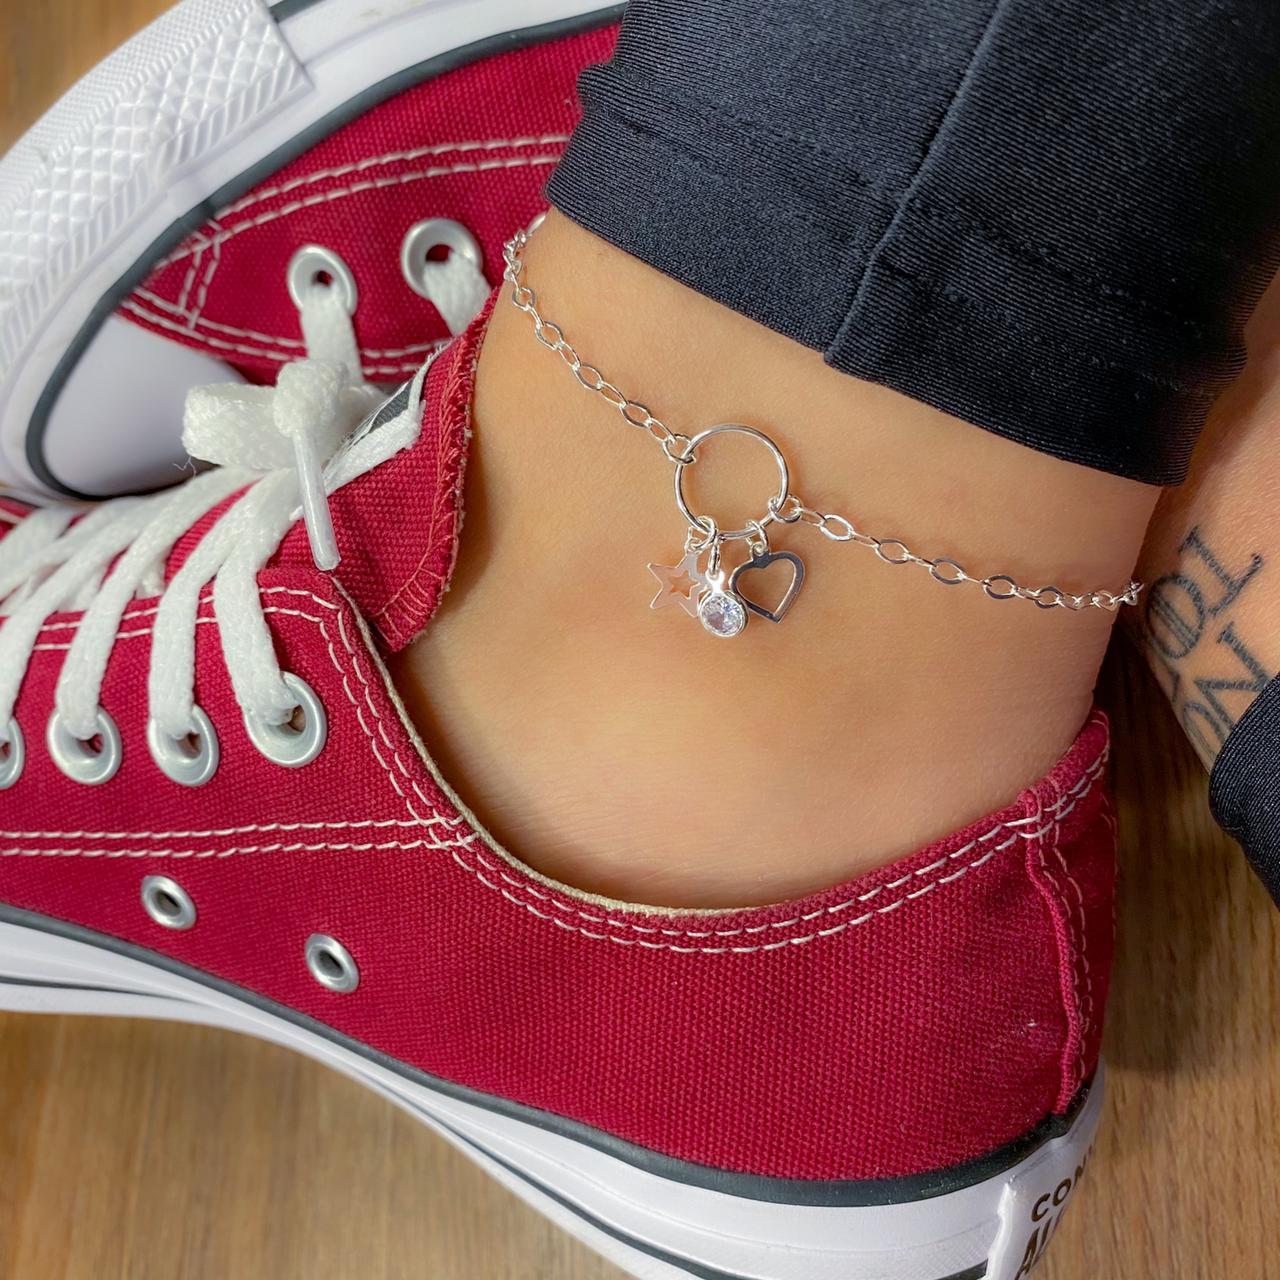 Tornozeleira de Prata Circulo com Estrela, Coração e Zircônia